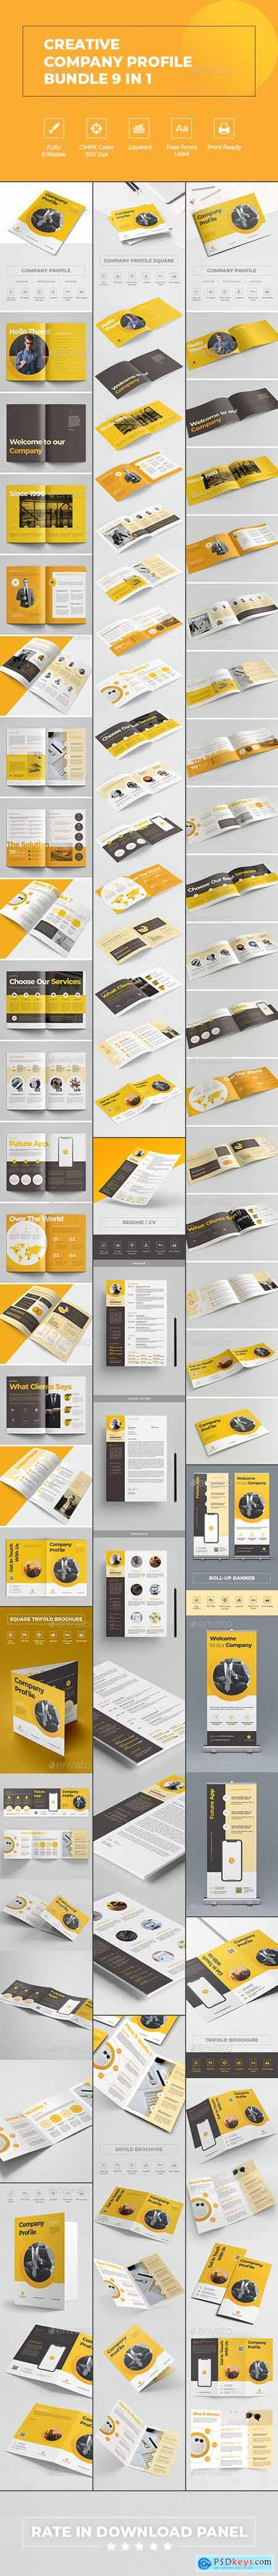 Graphicriver Creative Company Profile Bundle 9 in 1